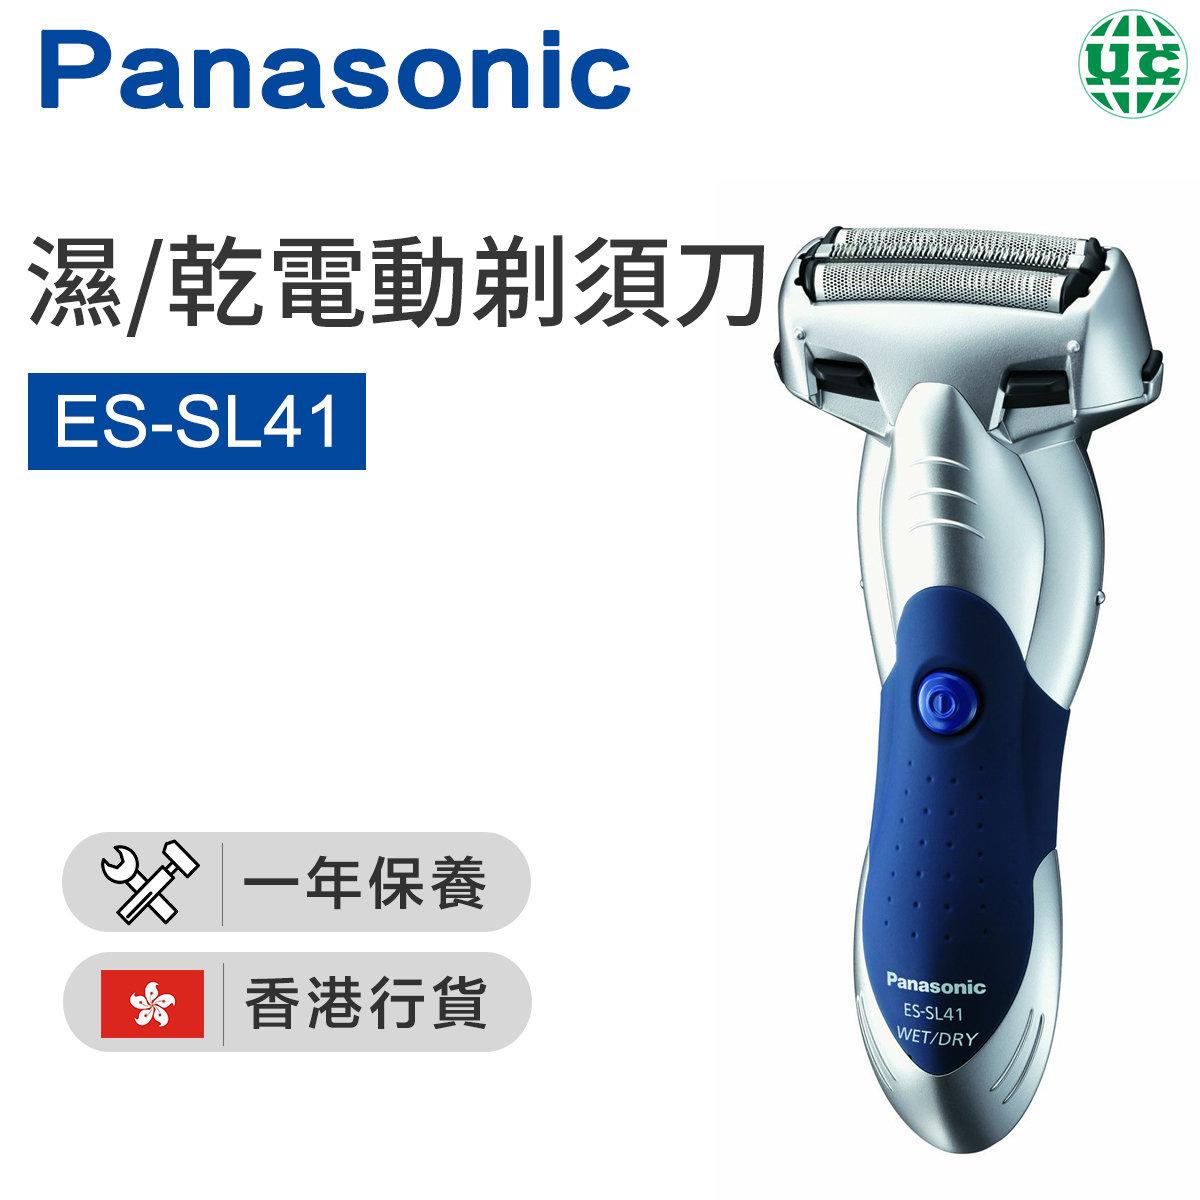 ES-SL41 wet/dry electric shaver-sliver (Hong Kong licensed)